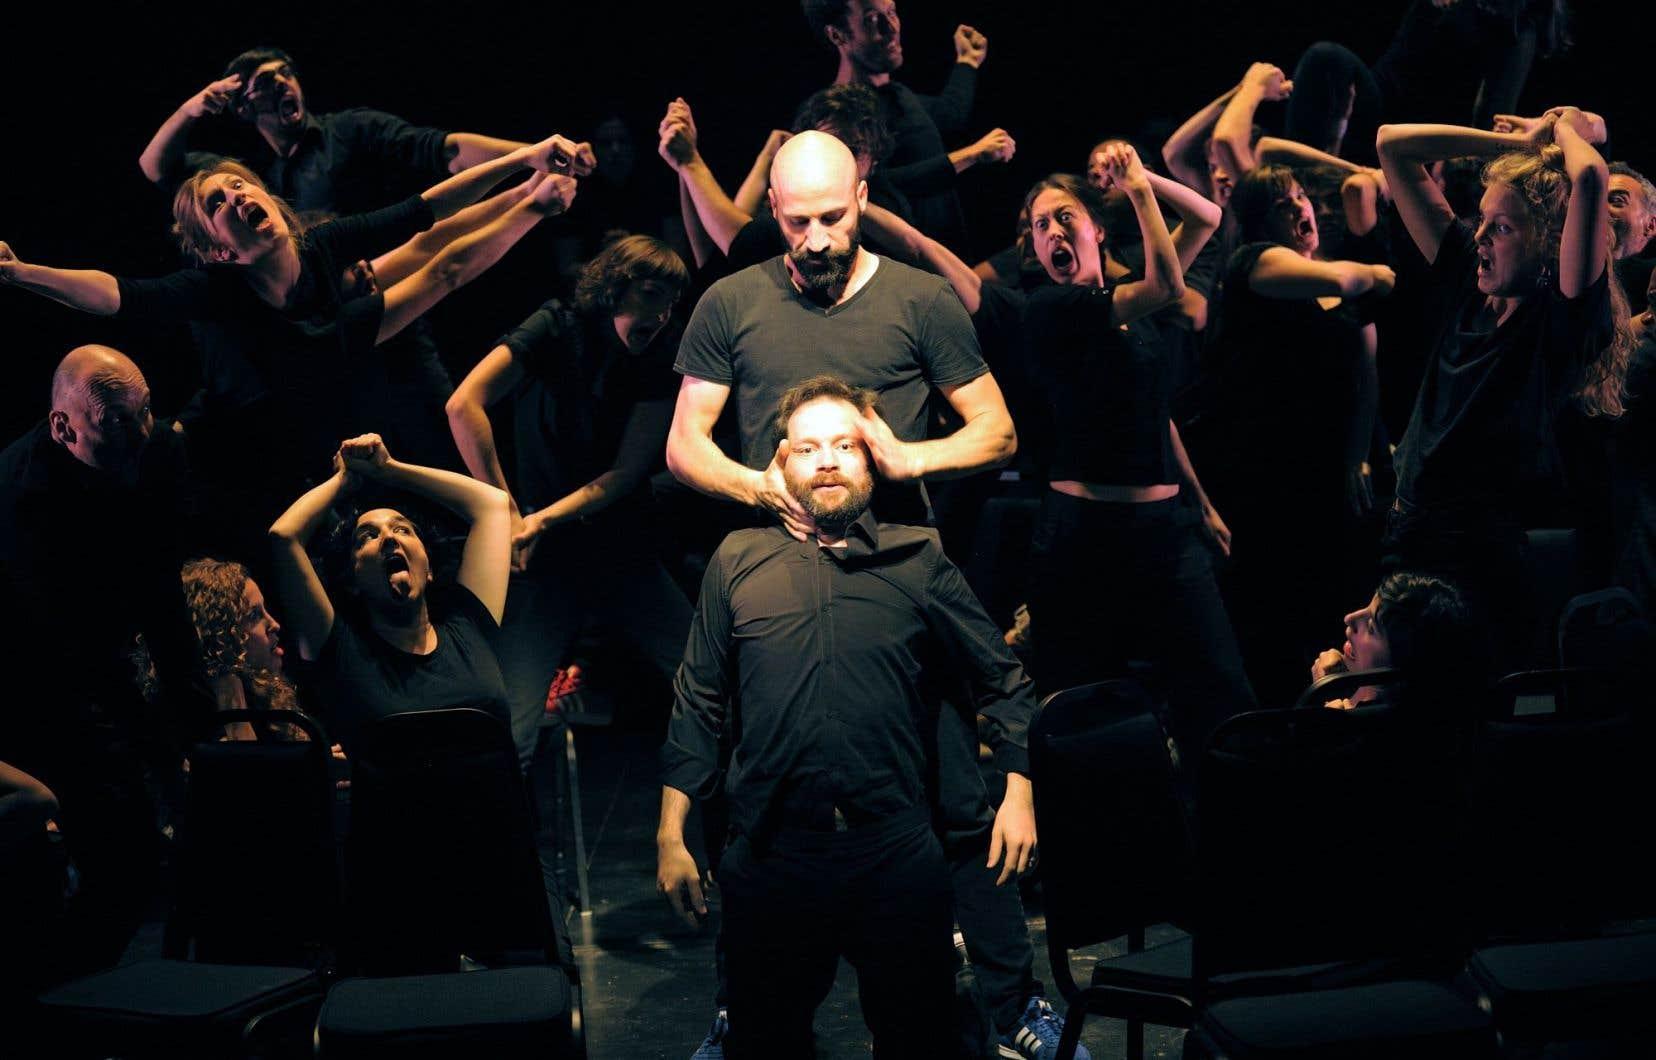 Extraits photographiques de la pièce de théâtre Trois, de Mani Soleymanlou